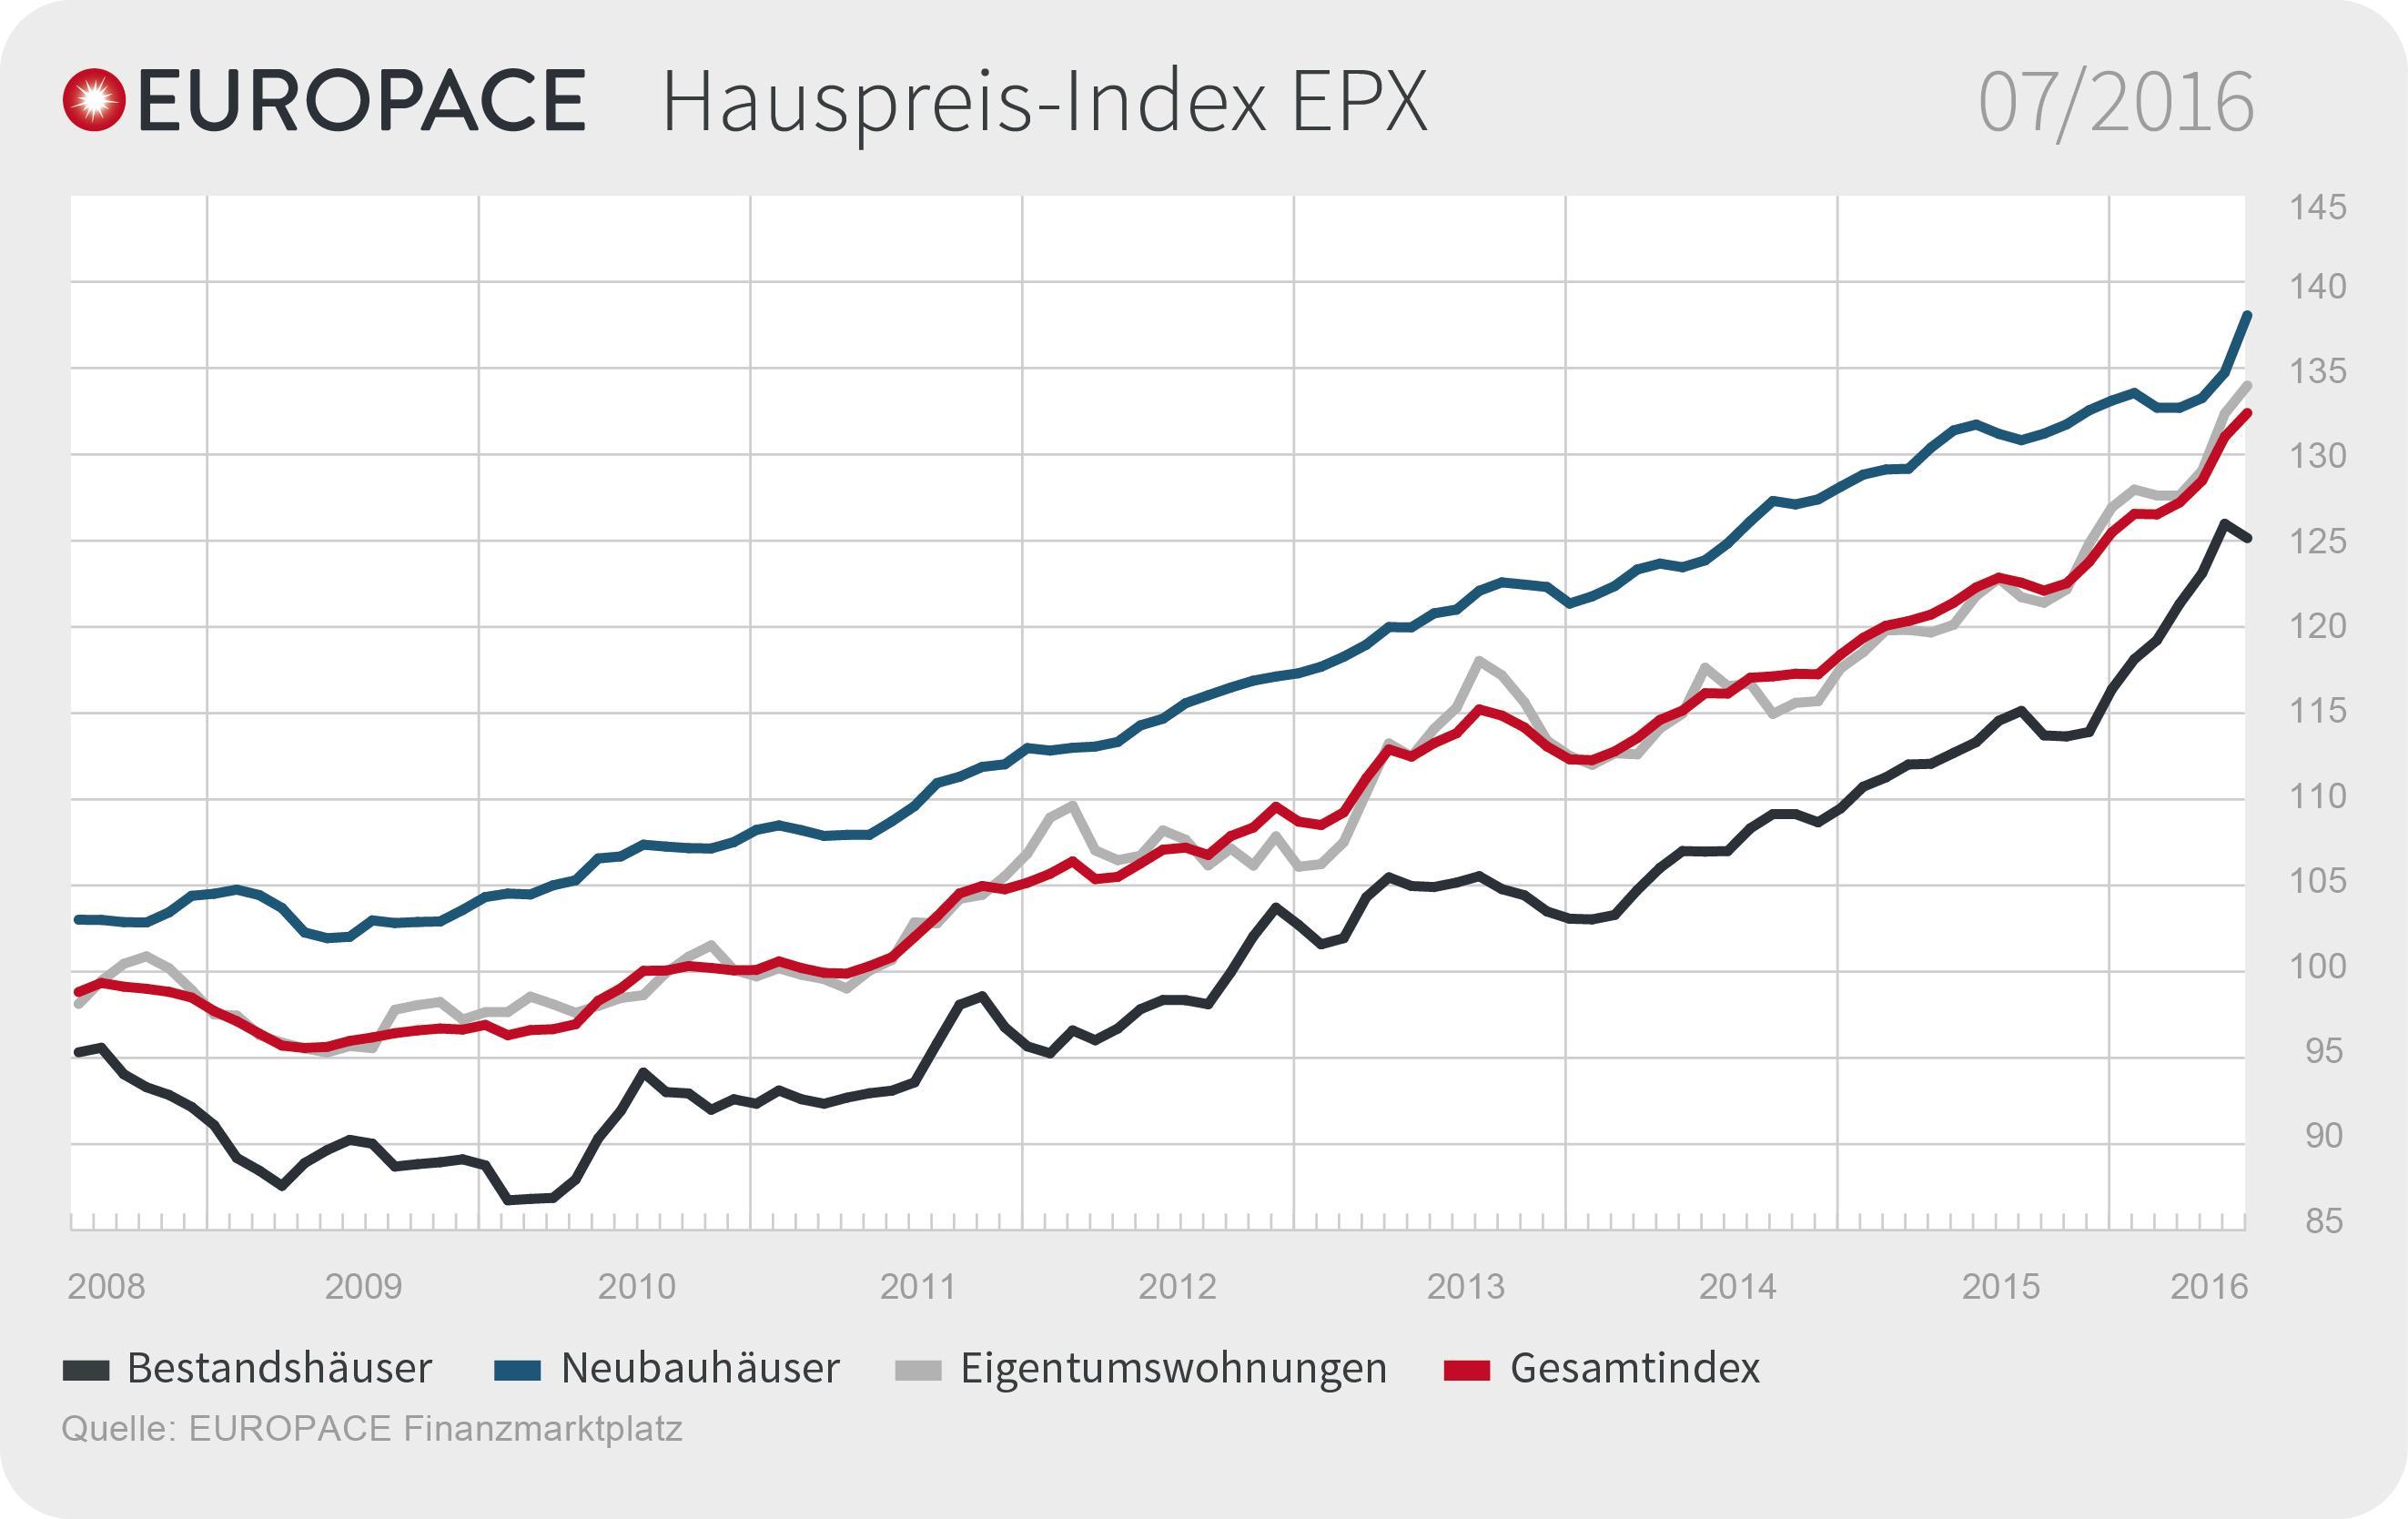 Epx Juli 2016 De in EPX: Baugenehmigungen halten Preisanstieg nicht auf